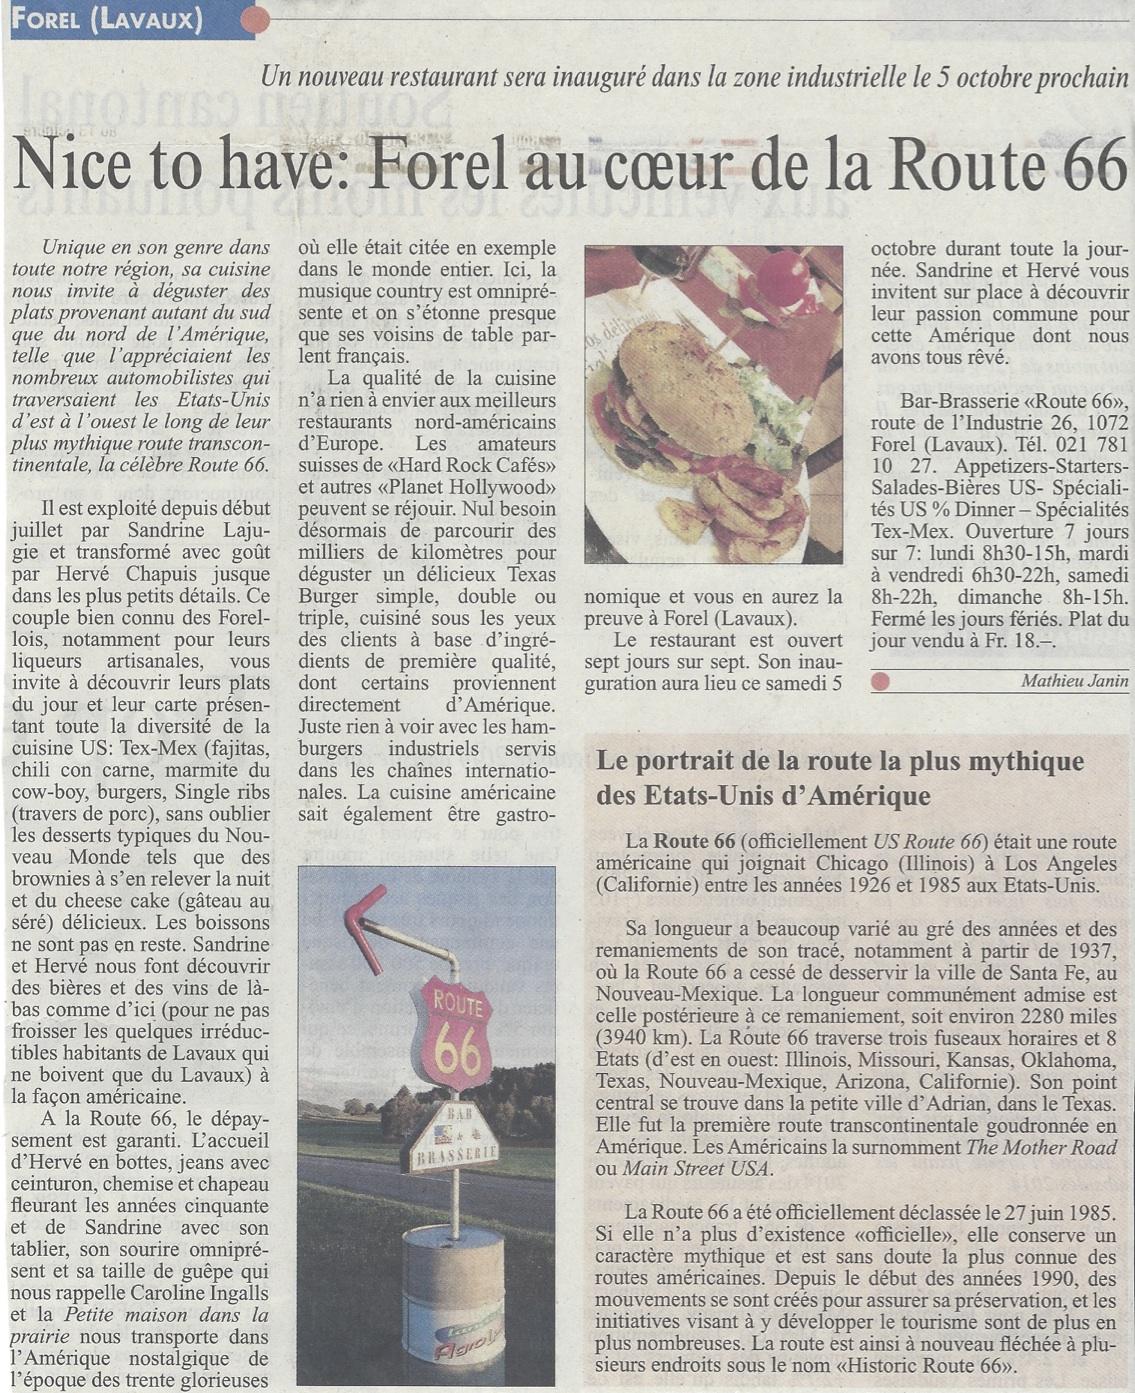 L'article original du Courrier de Lavaux et région d'Oron dans lequel a été publié l'article